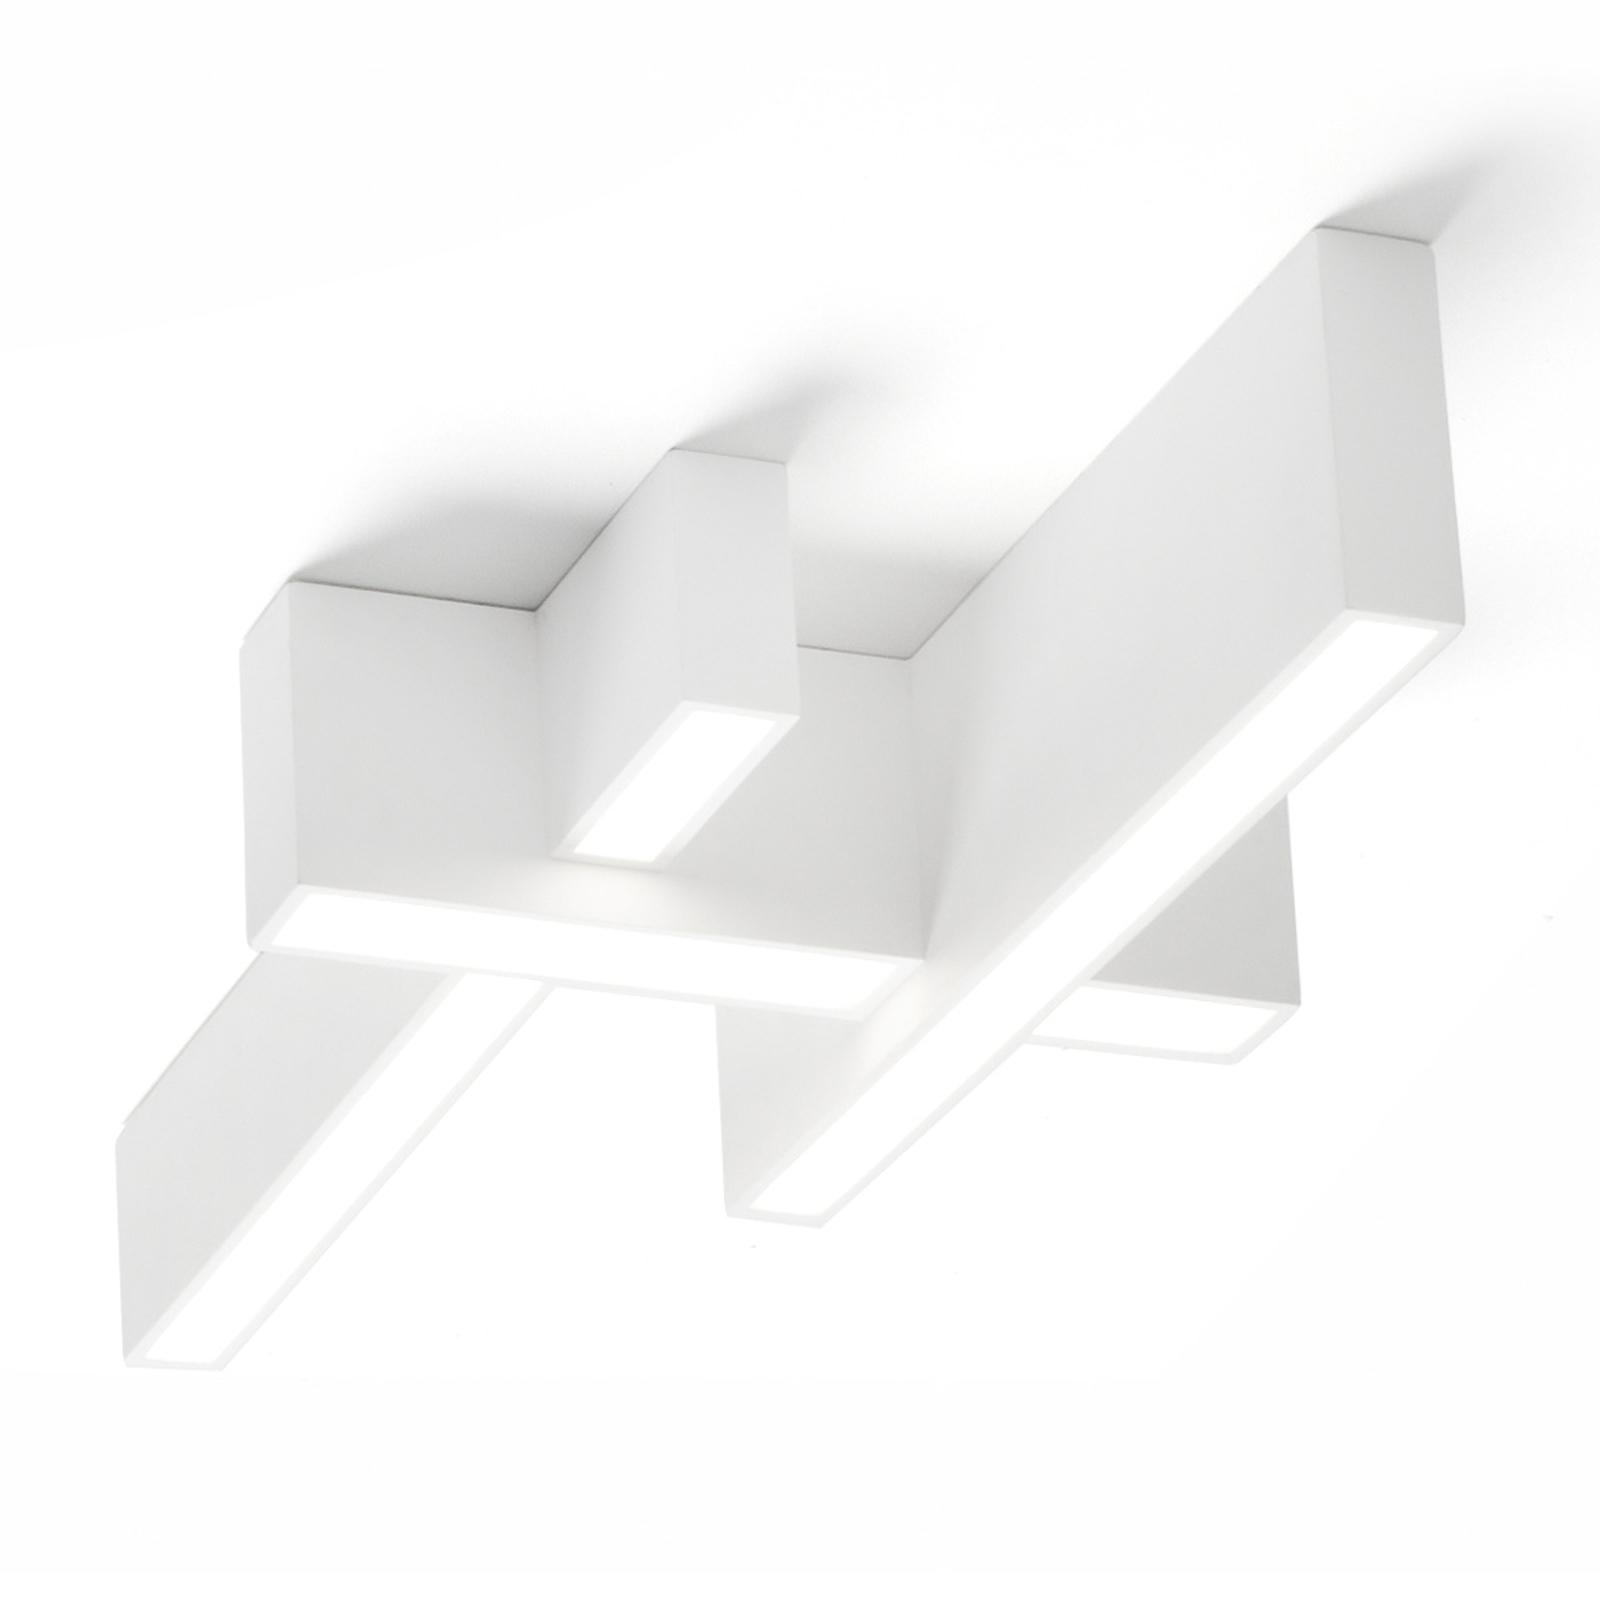 LED-taklampe Magnesia T275 med 3 bjelker